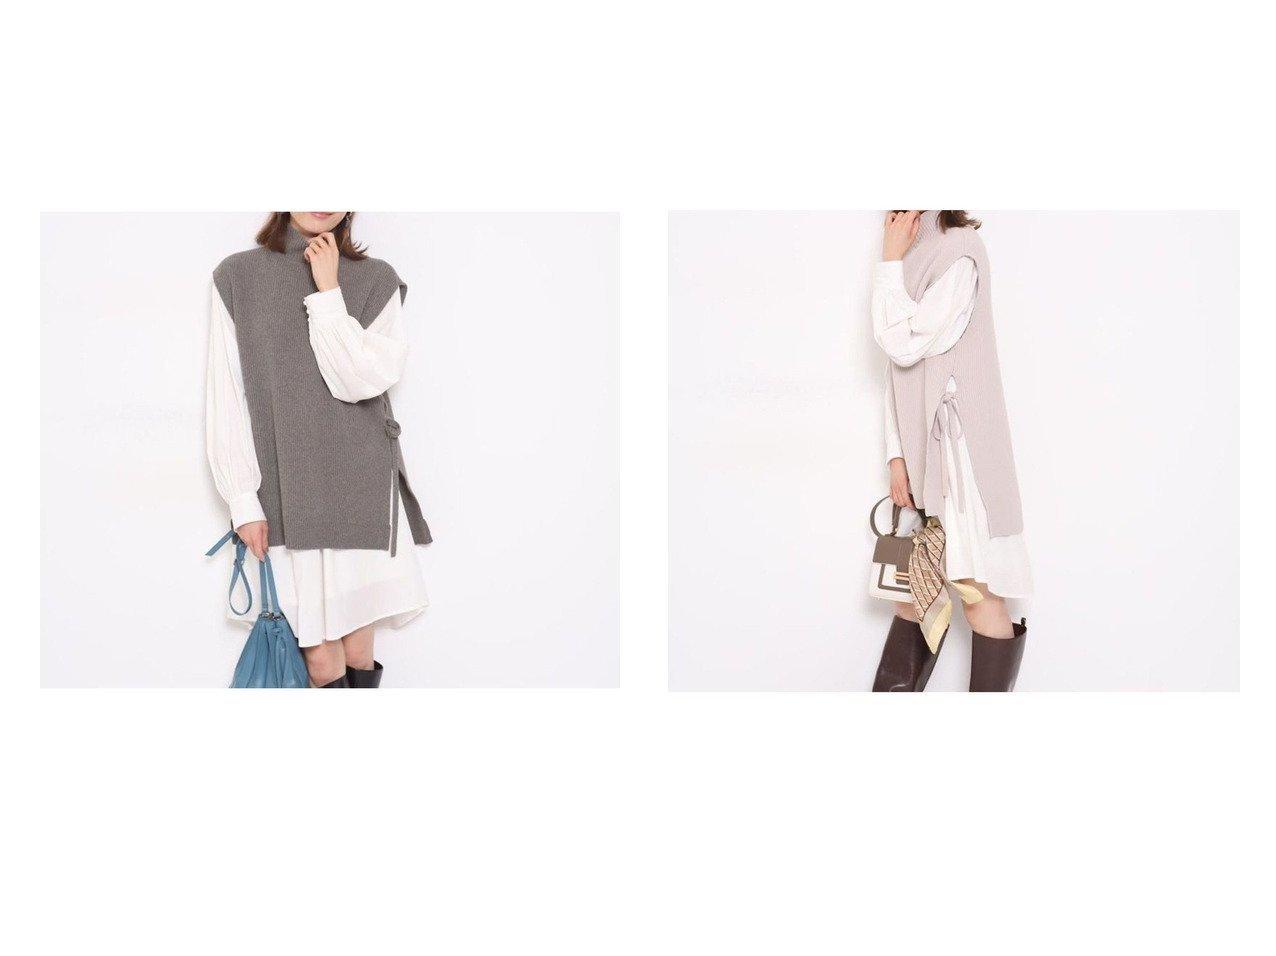 【Apuweiser-riche/アプワイザーリッシェ】のNewベストSETミニワンピース ワンピース・ドレスのおすすめ!人気、トレンド・レディースファッションの通販  おすすめで人気の流行・トレンド、ファッションの通販商品 メンズファッション・キッズファッション・インテリア・家具・レディースファッション・服の通販 founy(ファニー) https://founy.com/ ファッション Fashion レディースファッション WOMEN アウター Coat Outerwear ベスト リボン |ID:crp329100000010239